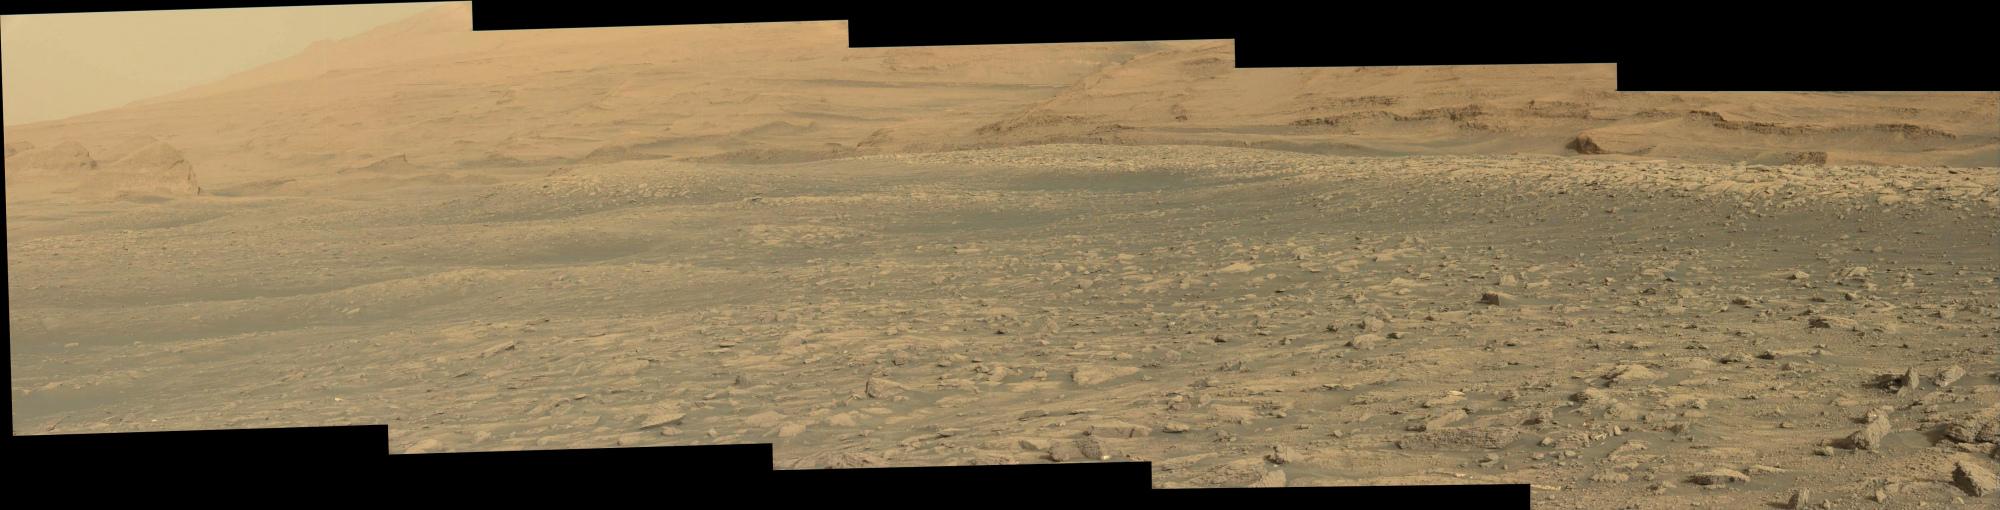 panorama-sol3005.jpg